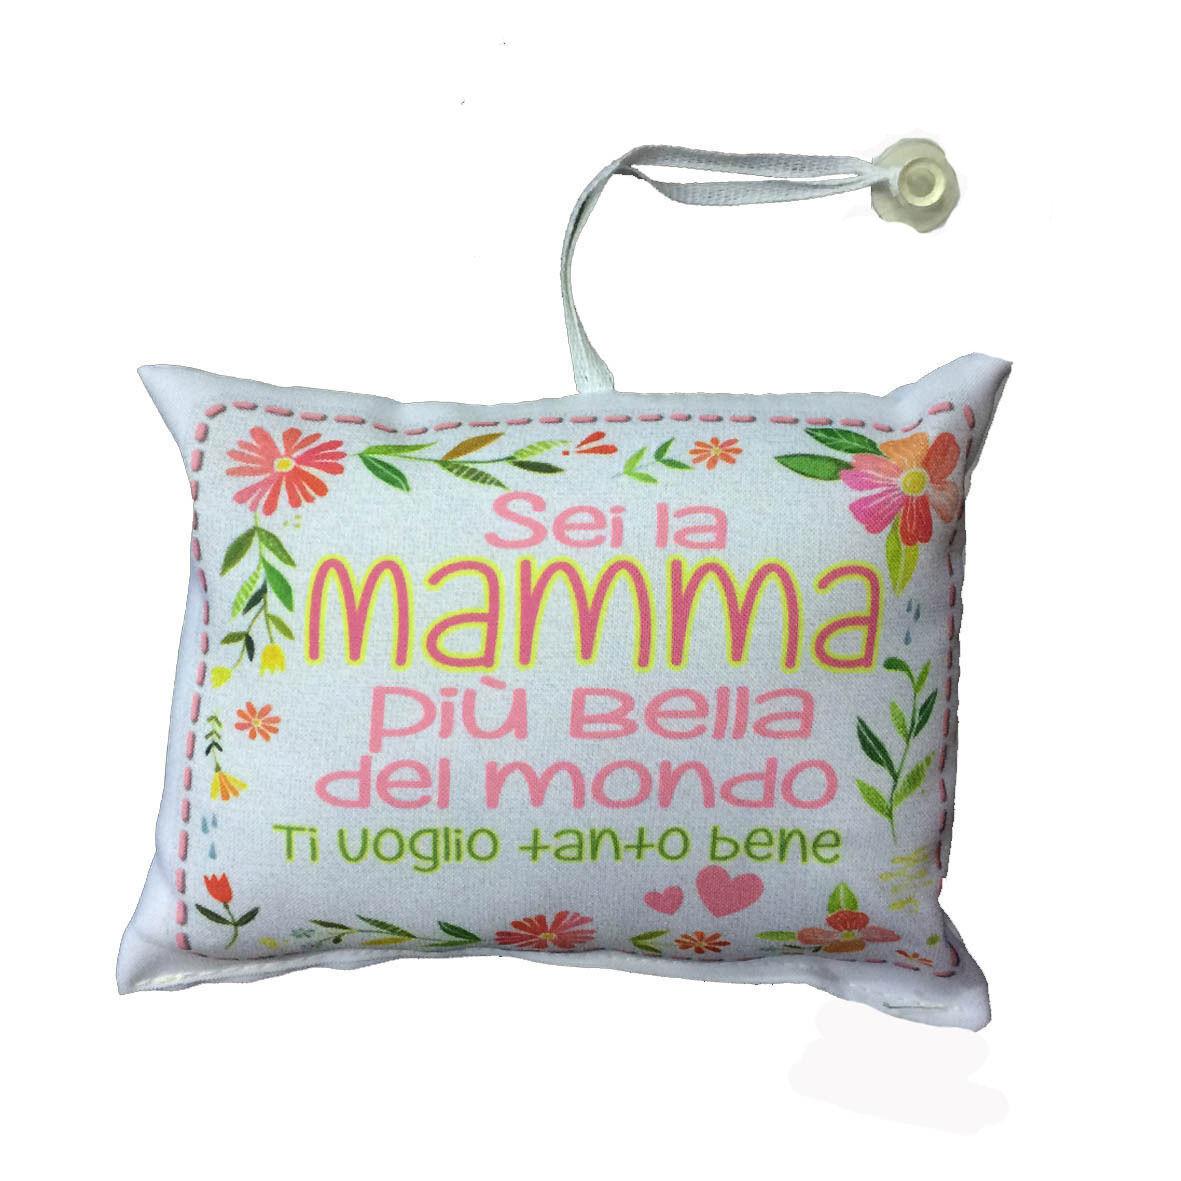 MAMMA mini cuscino auto con ventosa personalizzabile SEI LA MAMMA...16,5x12,5 cm